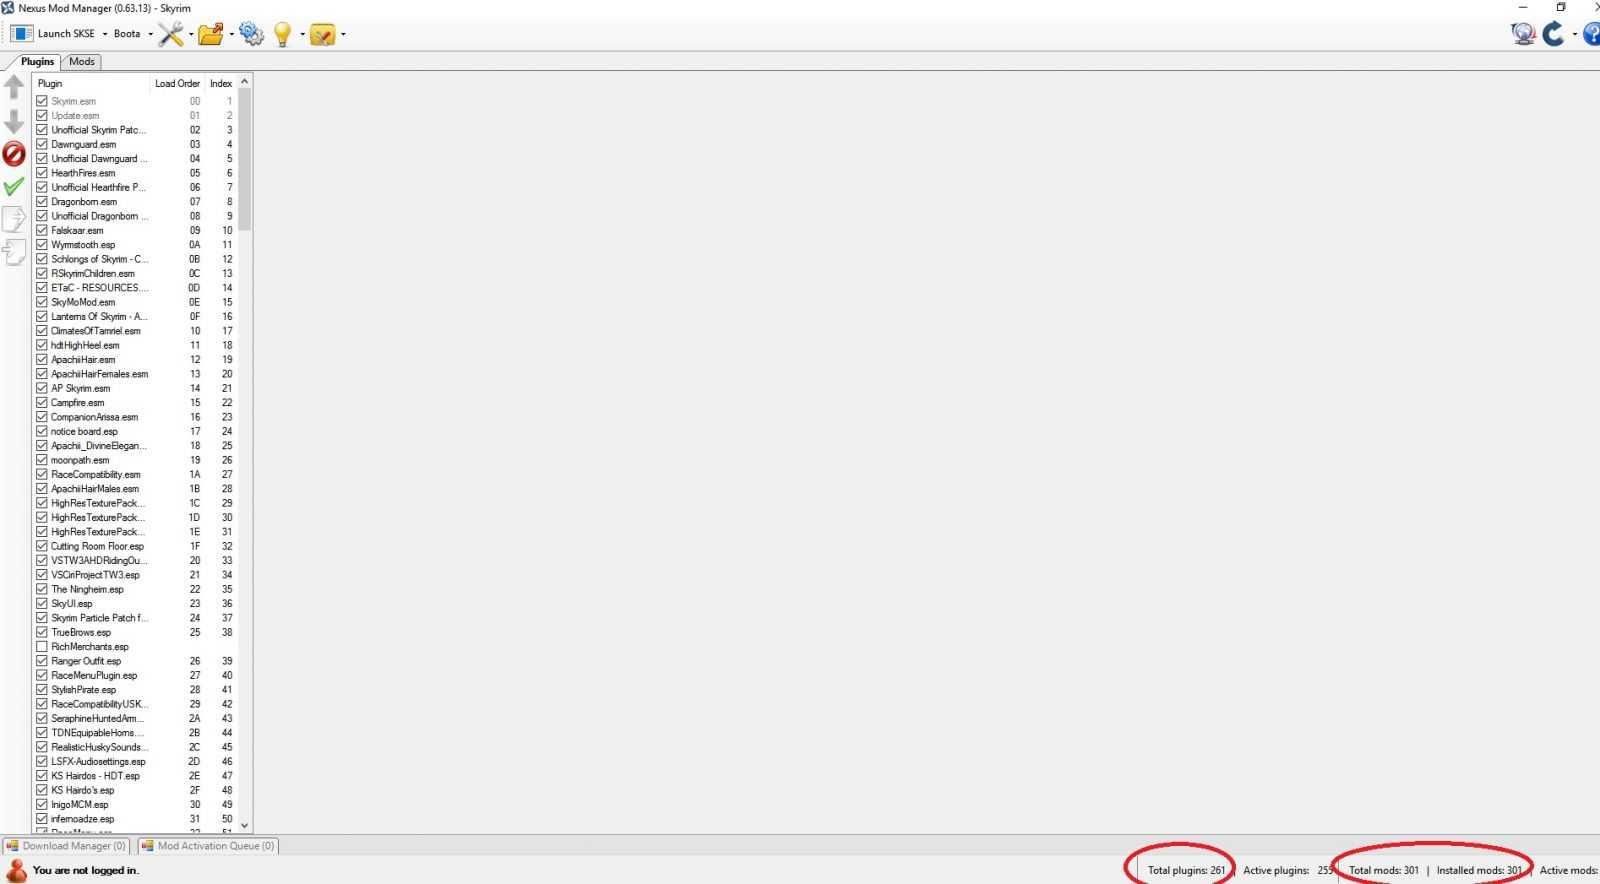 NMM_Mods_Screenshot